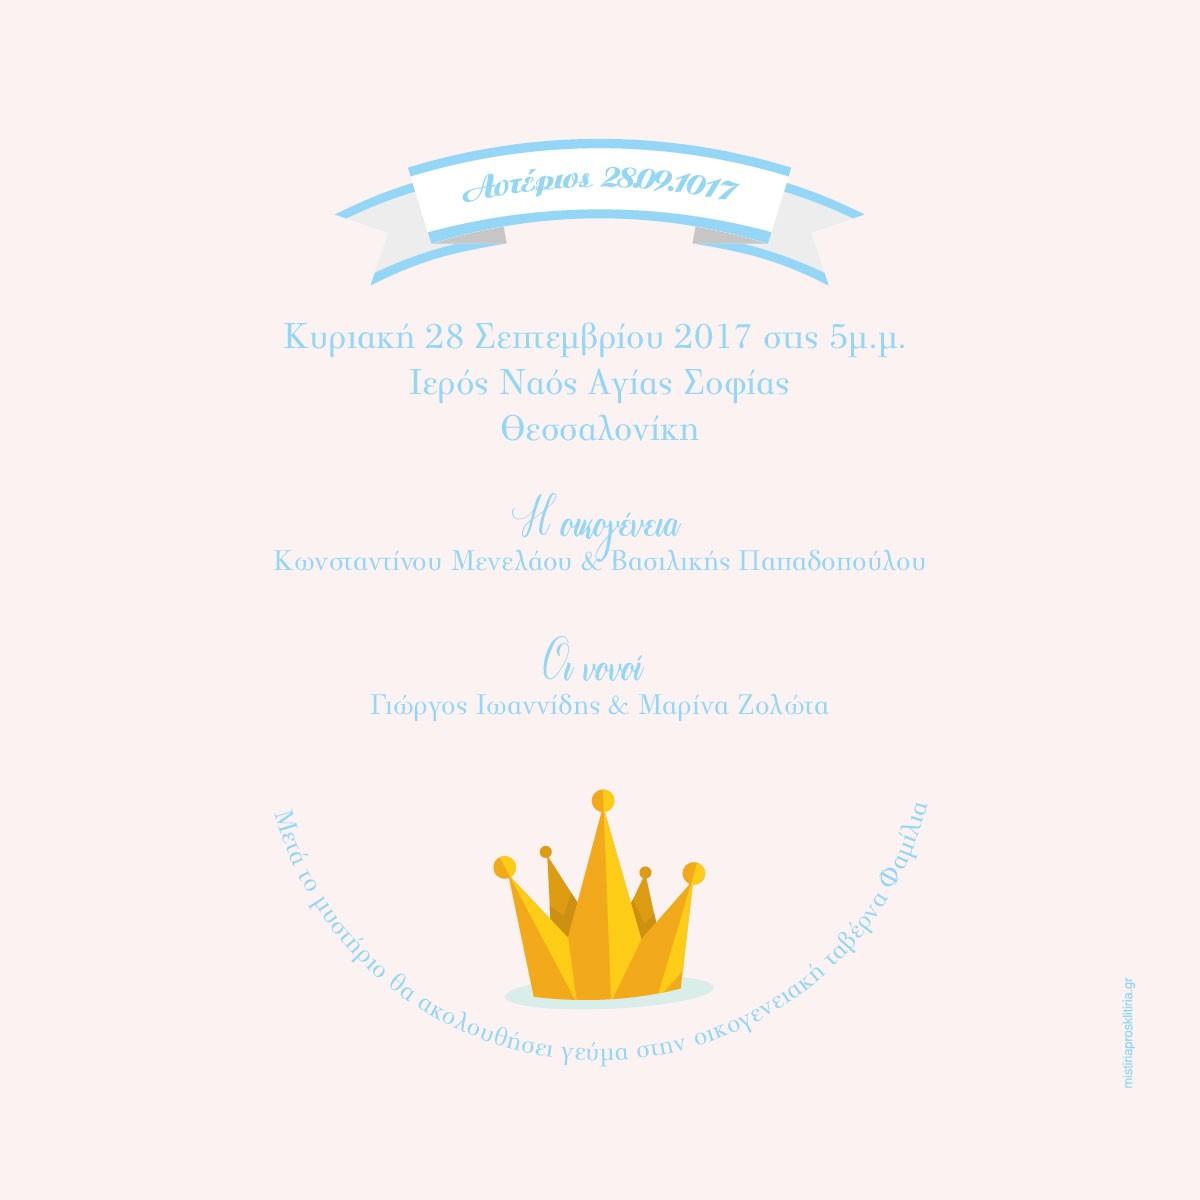 Πριγκηπική κορώνα